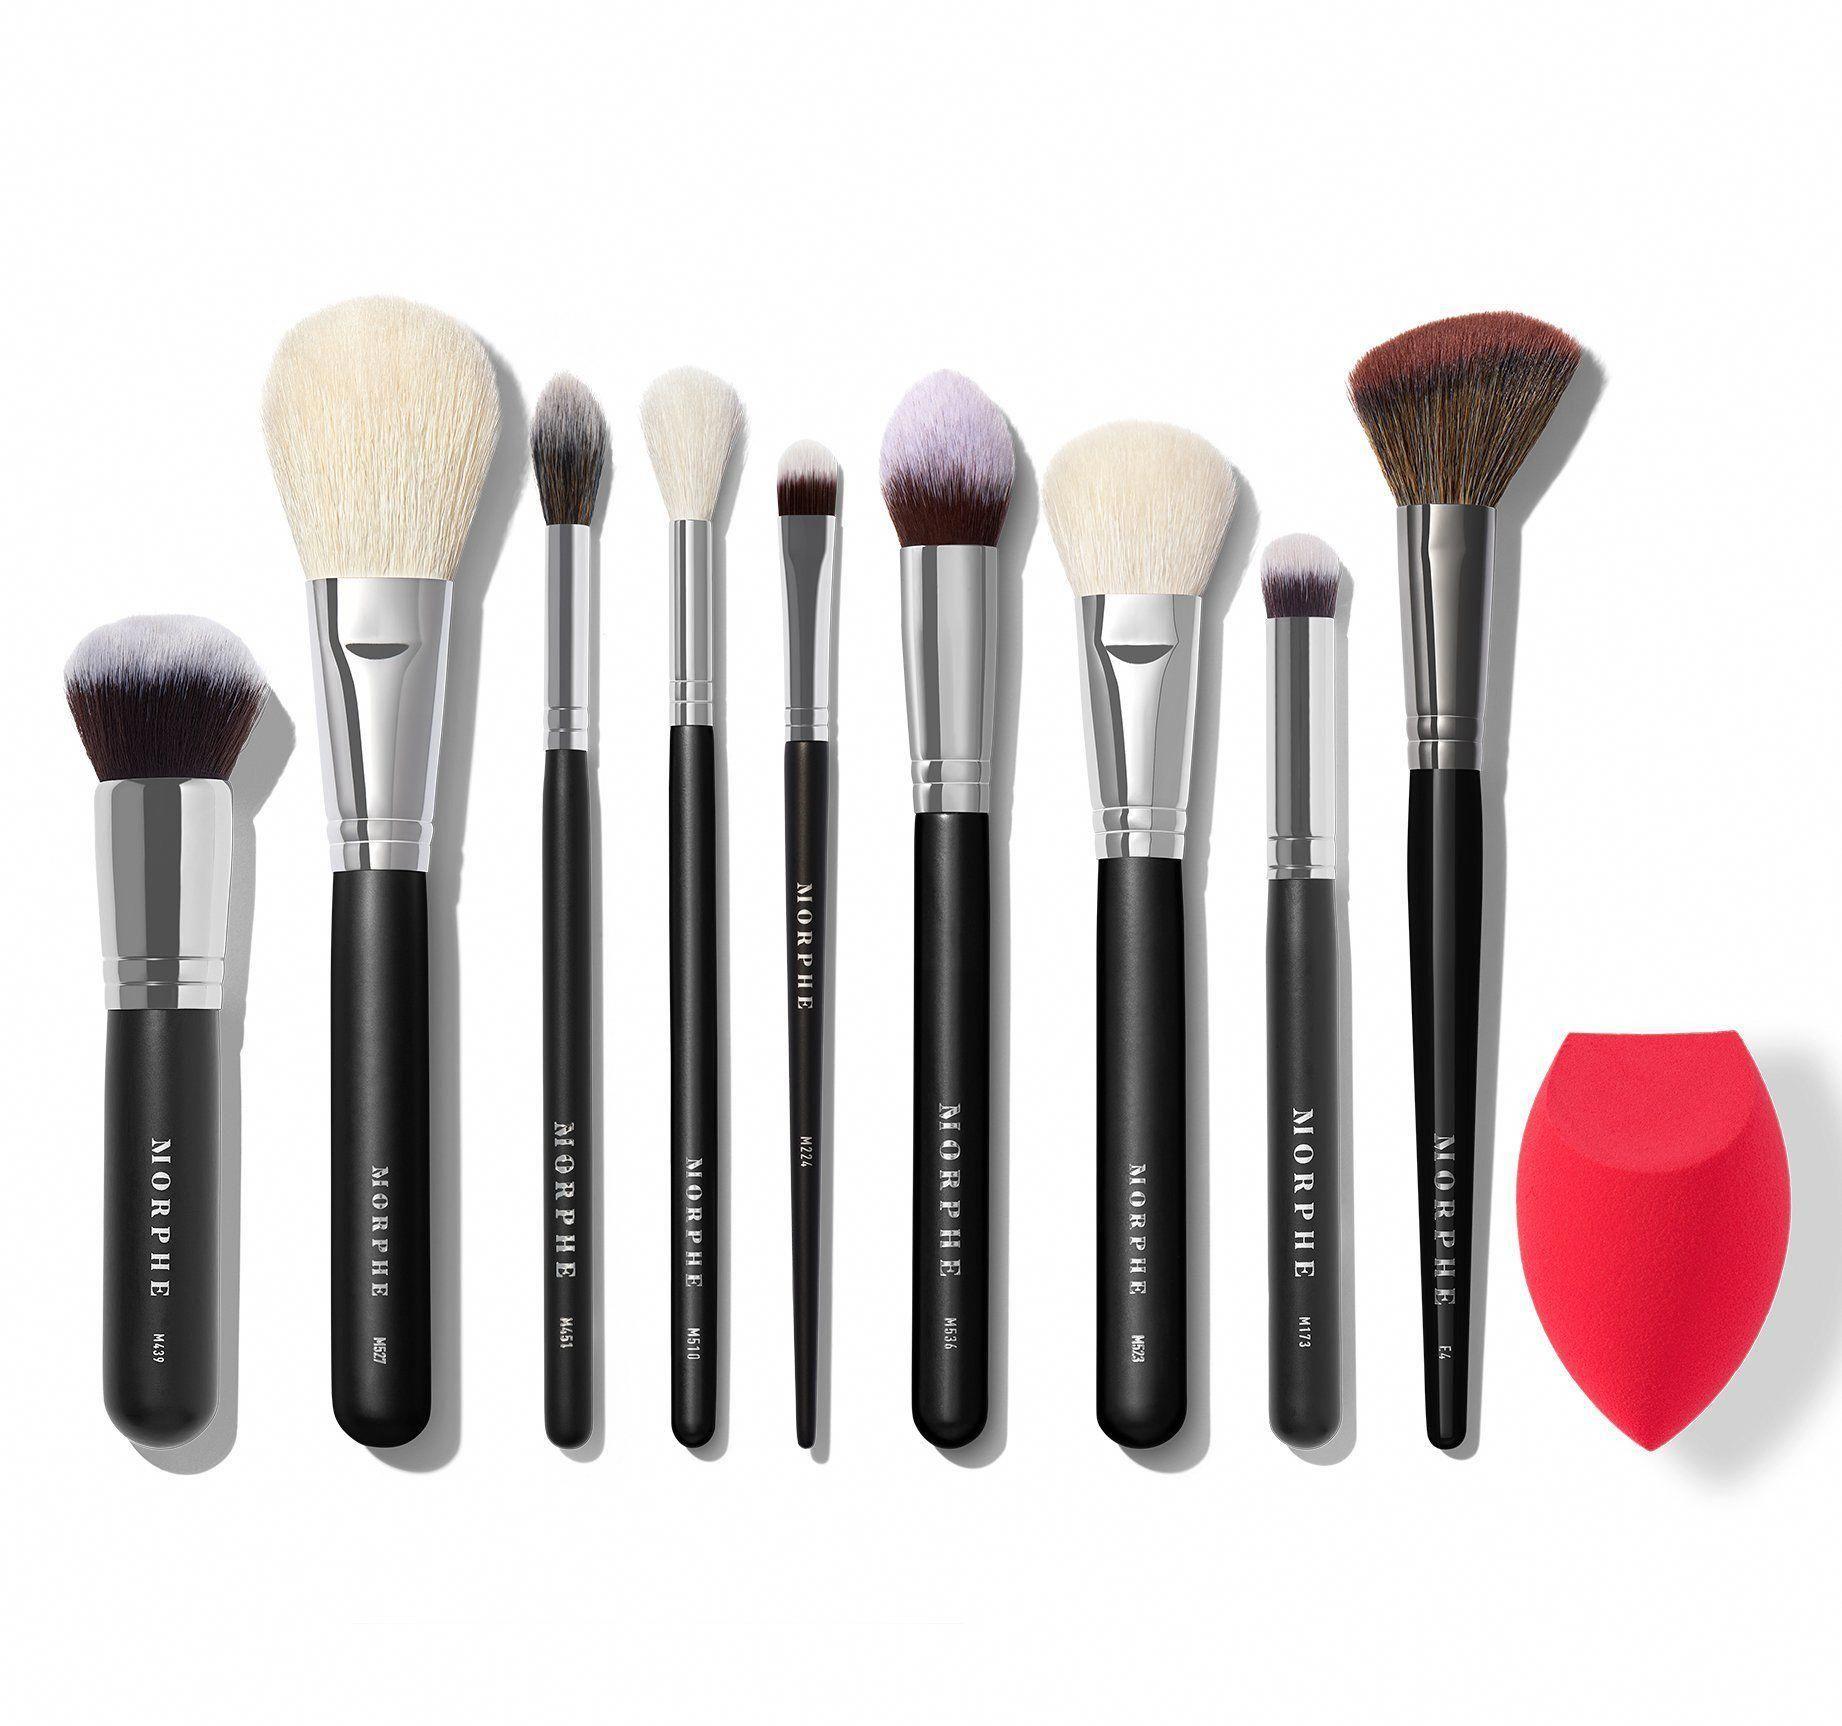 Morphe Babe Faves Face Brush Set In 2020 Face Brush Set Face Brush Makeup Brushes Morphe